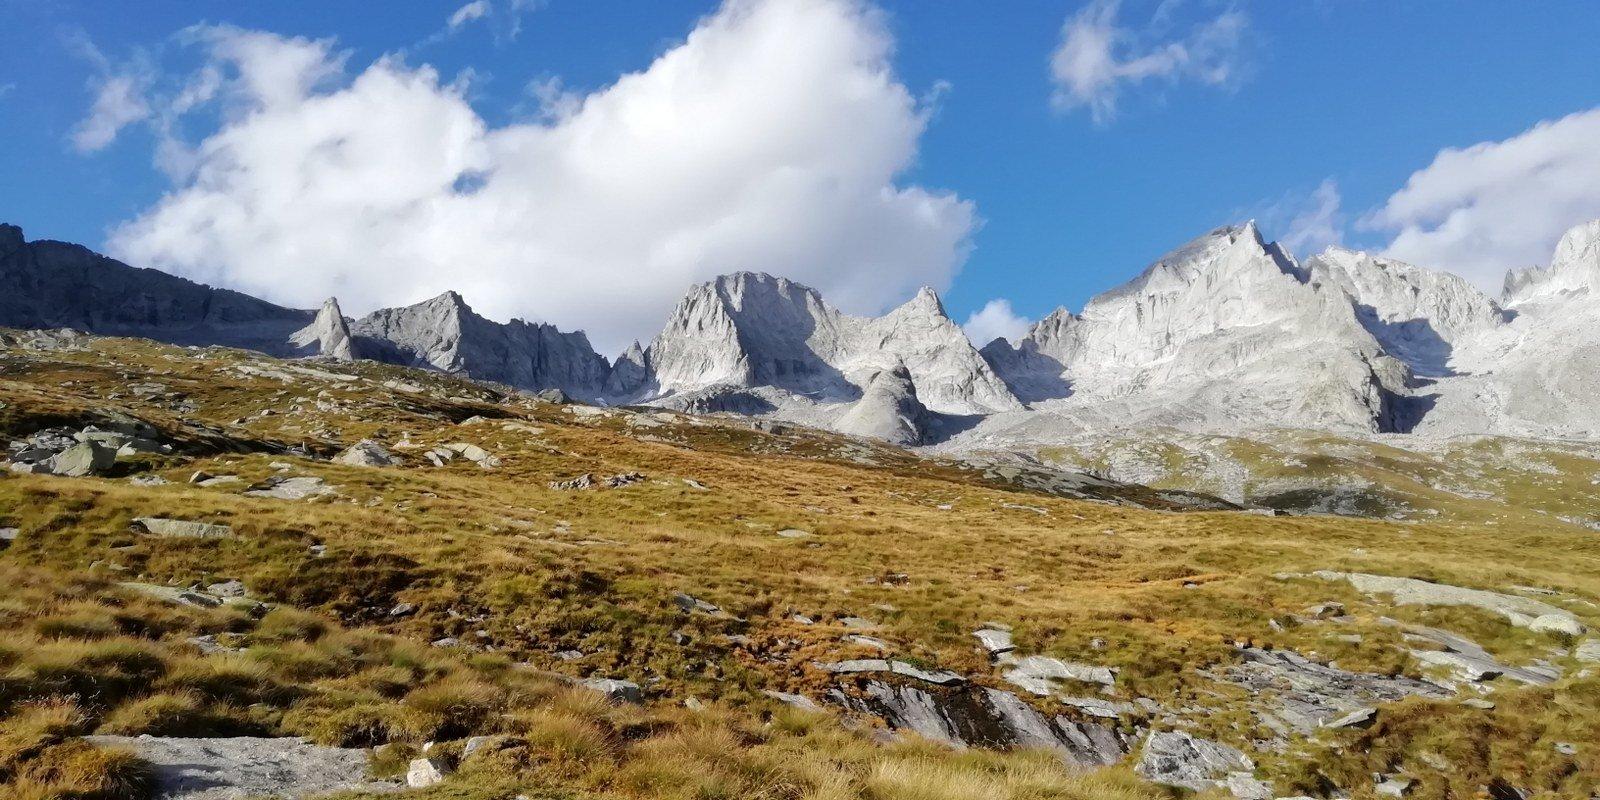 La cornice di montagne salendo al rifugio